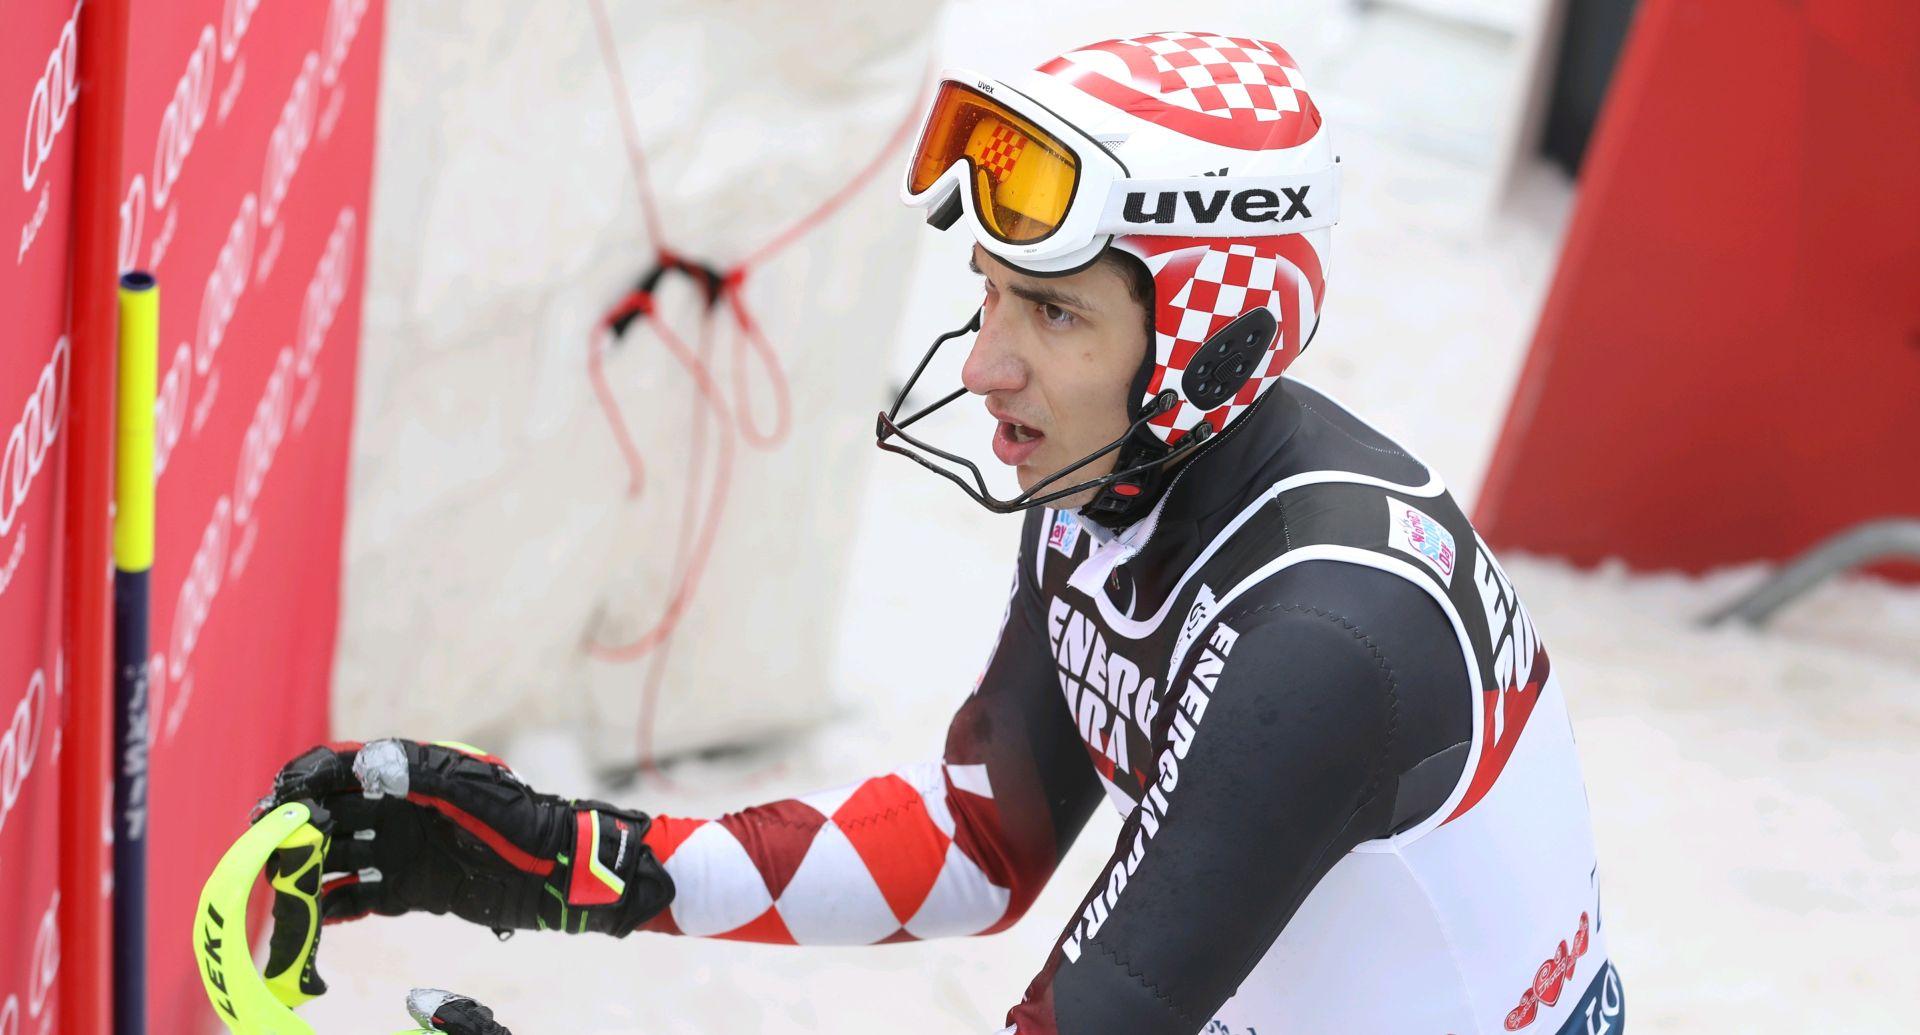 VIDOVIĆ 'Skijao sam dobro, ali ja želim još bolje'